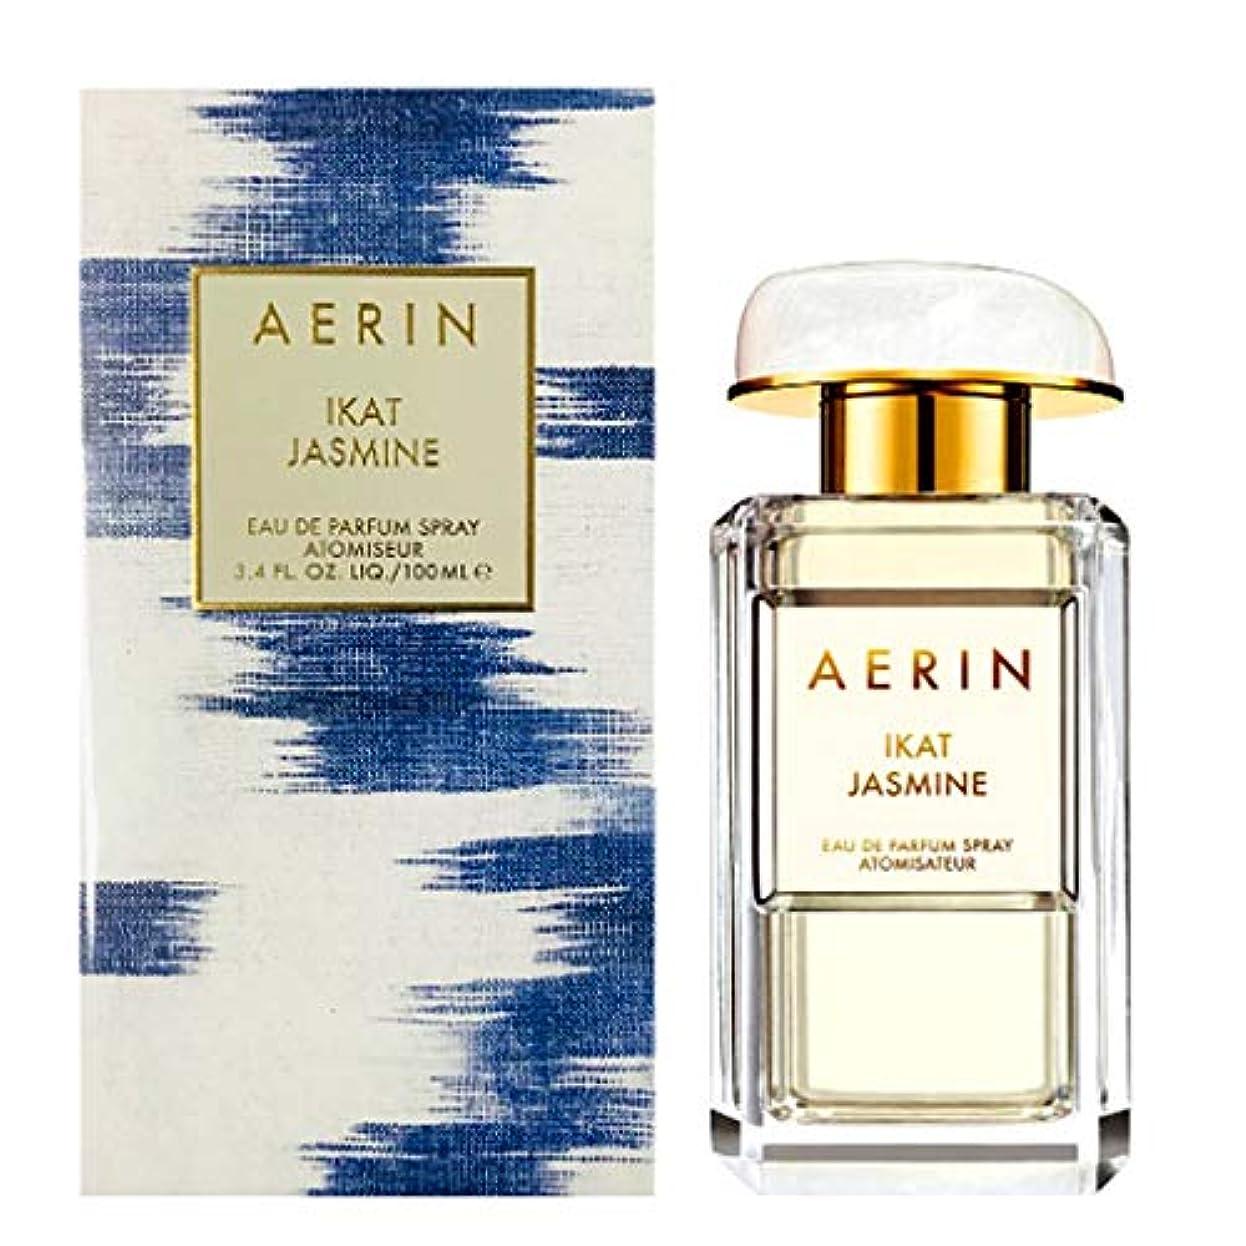 測る無力十分AERIN 'Ikat Jasmine' (アエリン イカ ジャスミン) 3.4 oz (100ml) EDP Spray by エスティローダー(Estee Lauder) for Women